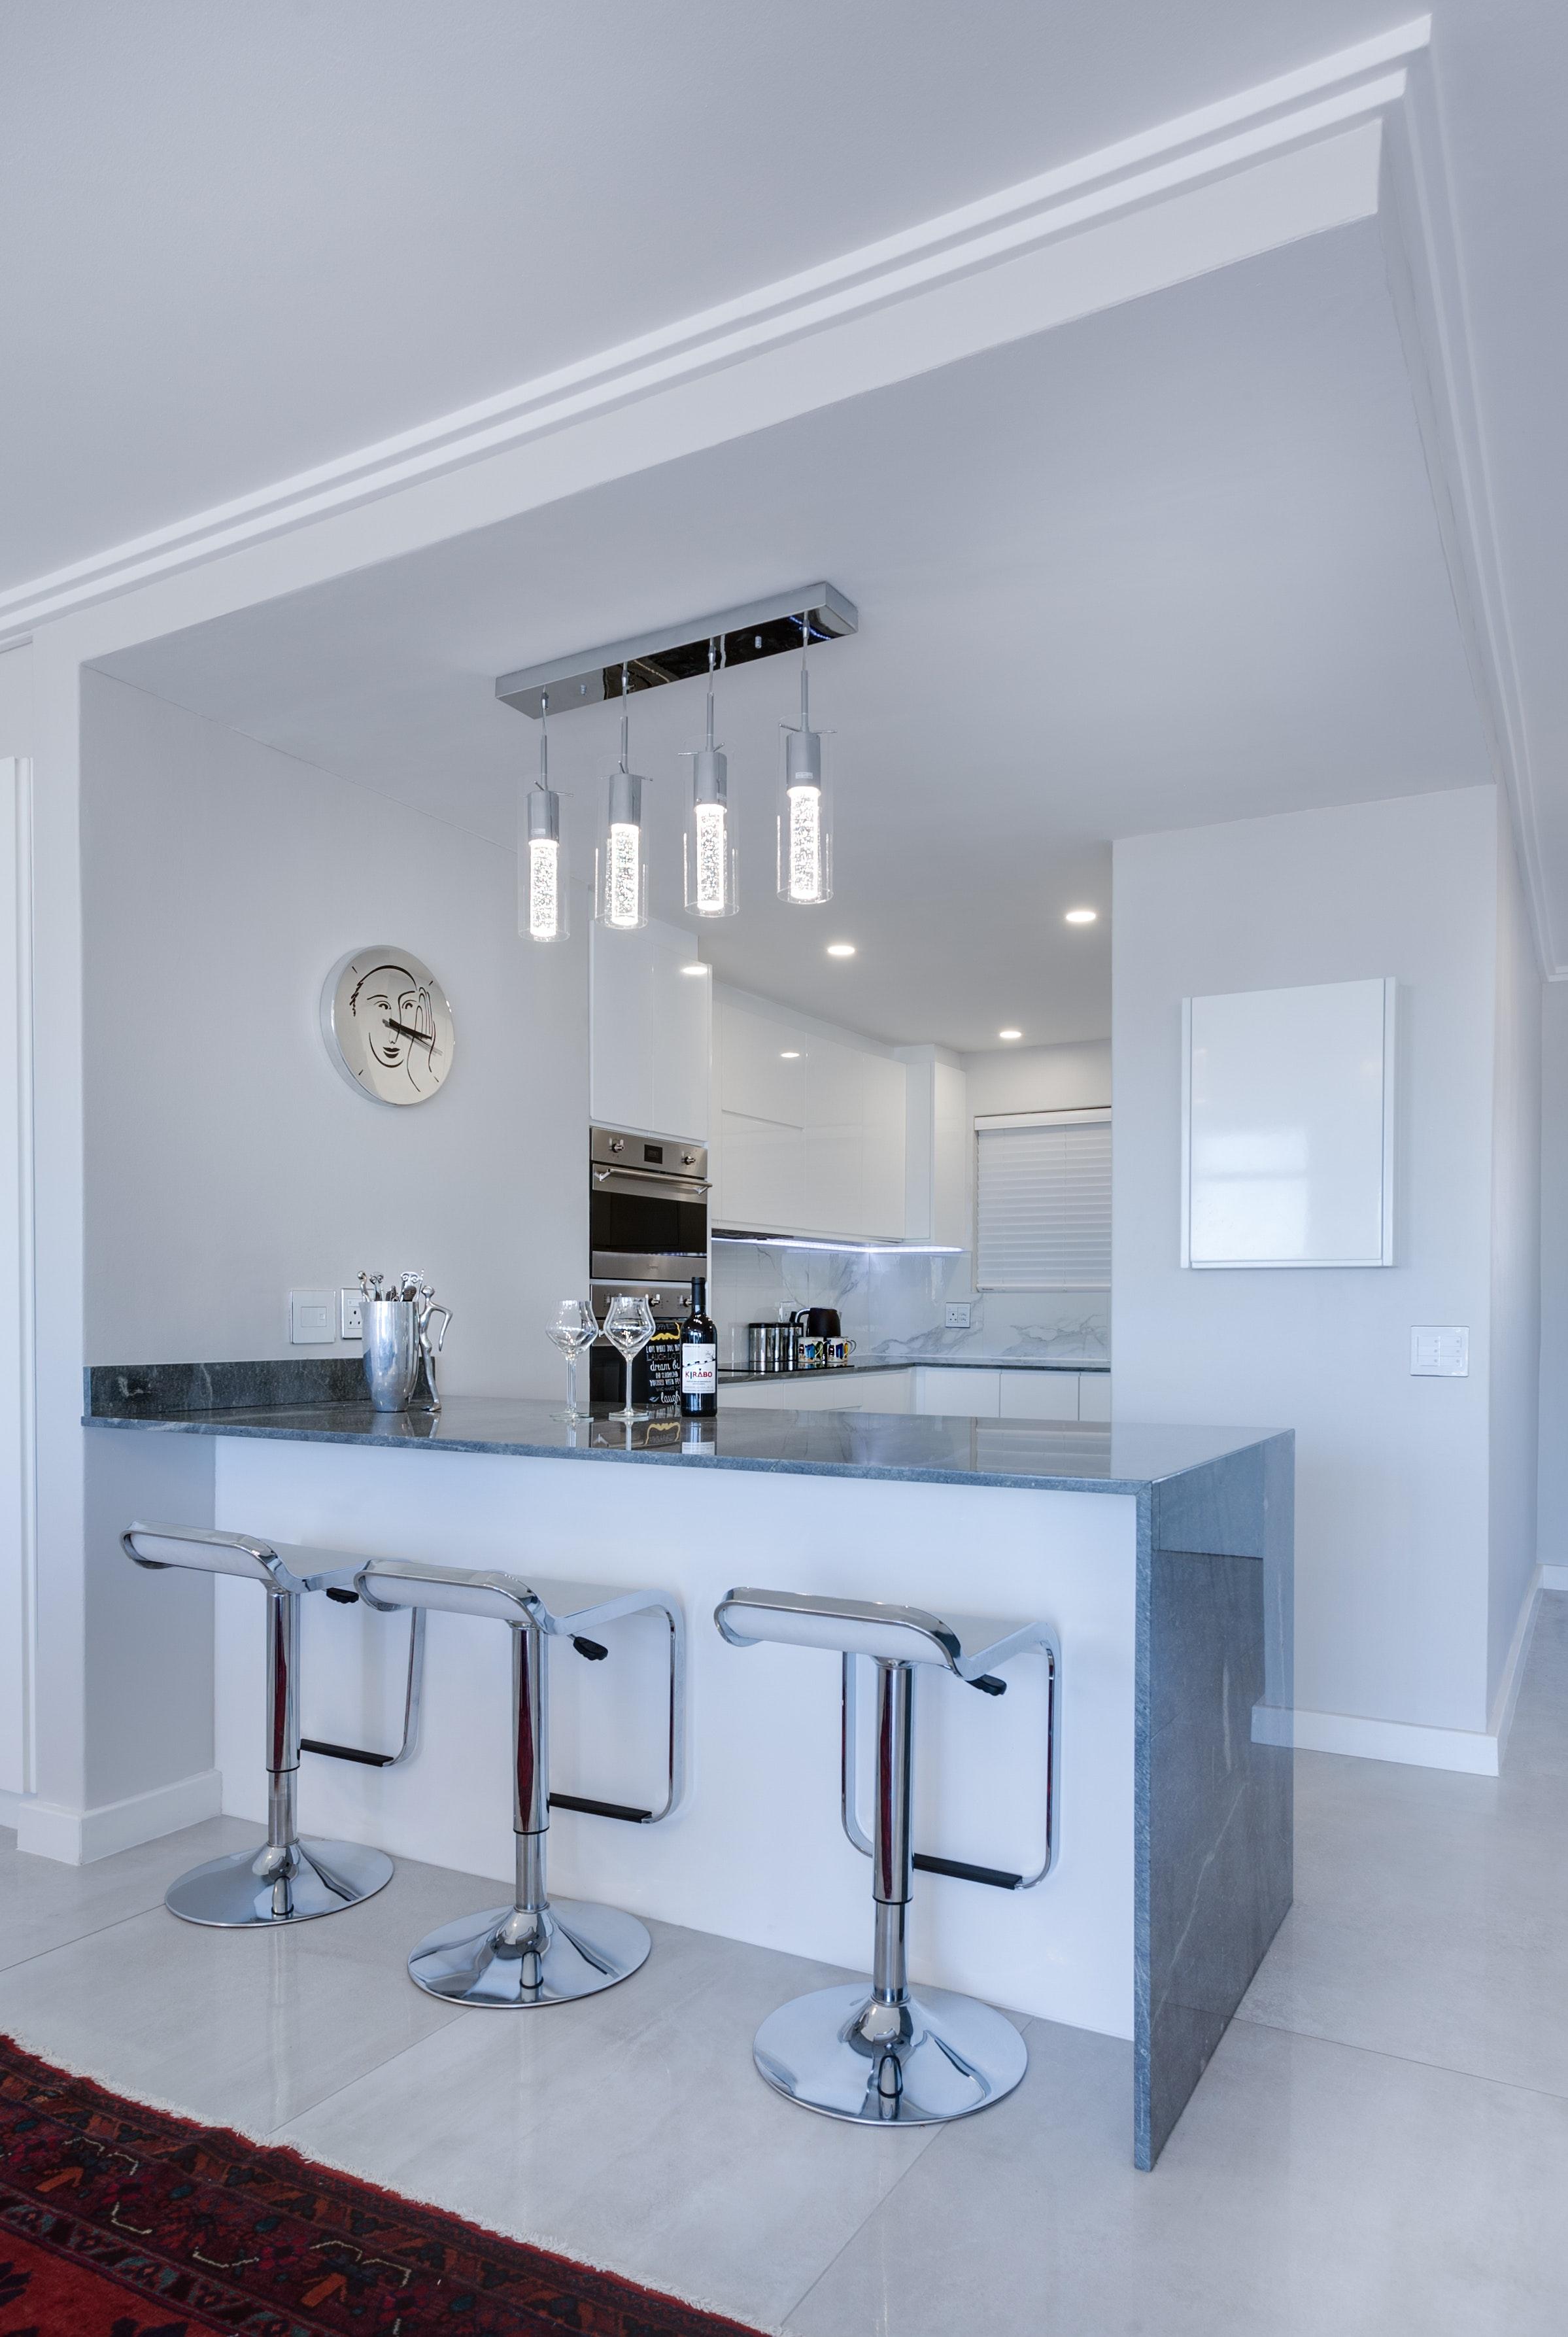 Fotos gratis : diseño de interiores, mesa, Encimera, cocina ...